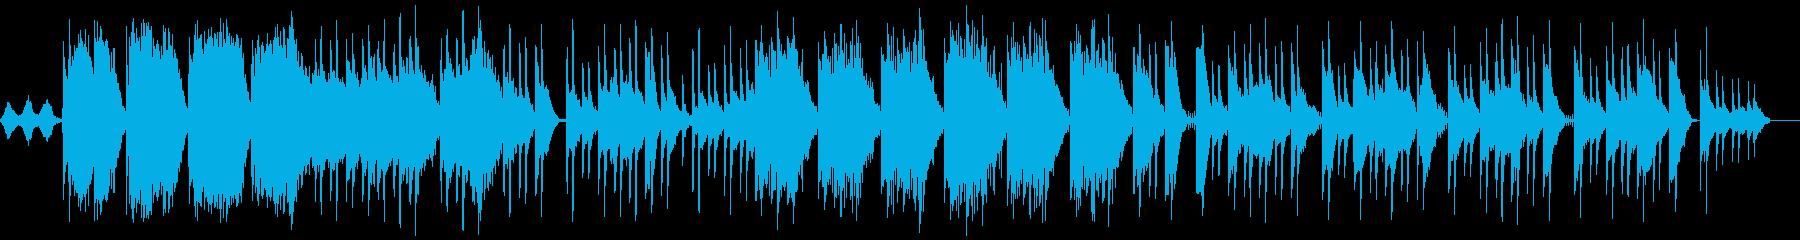 エレクトロニック 静か やる気 平...の再生済みの波形